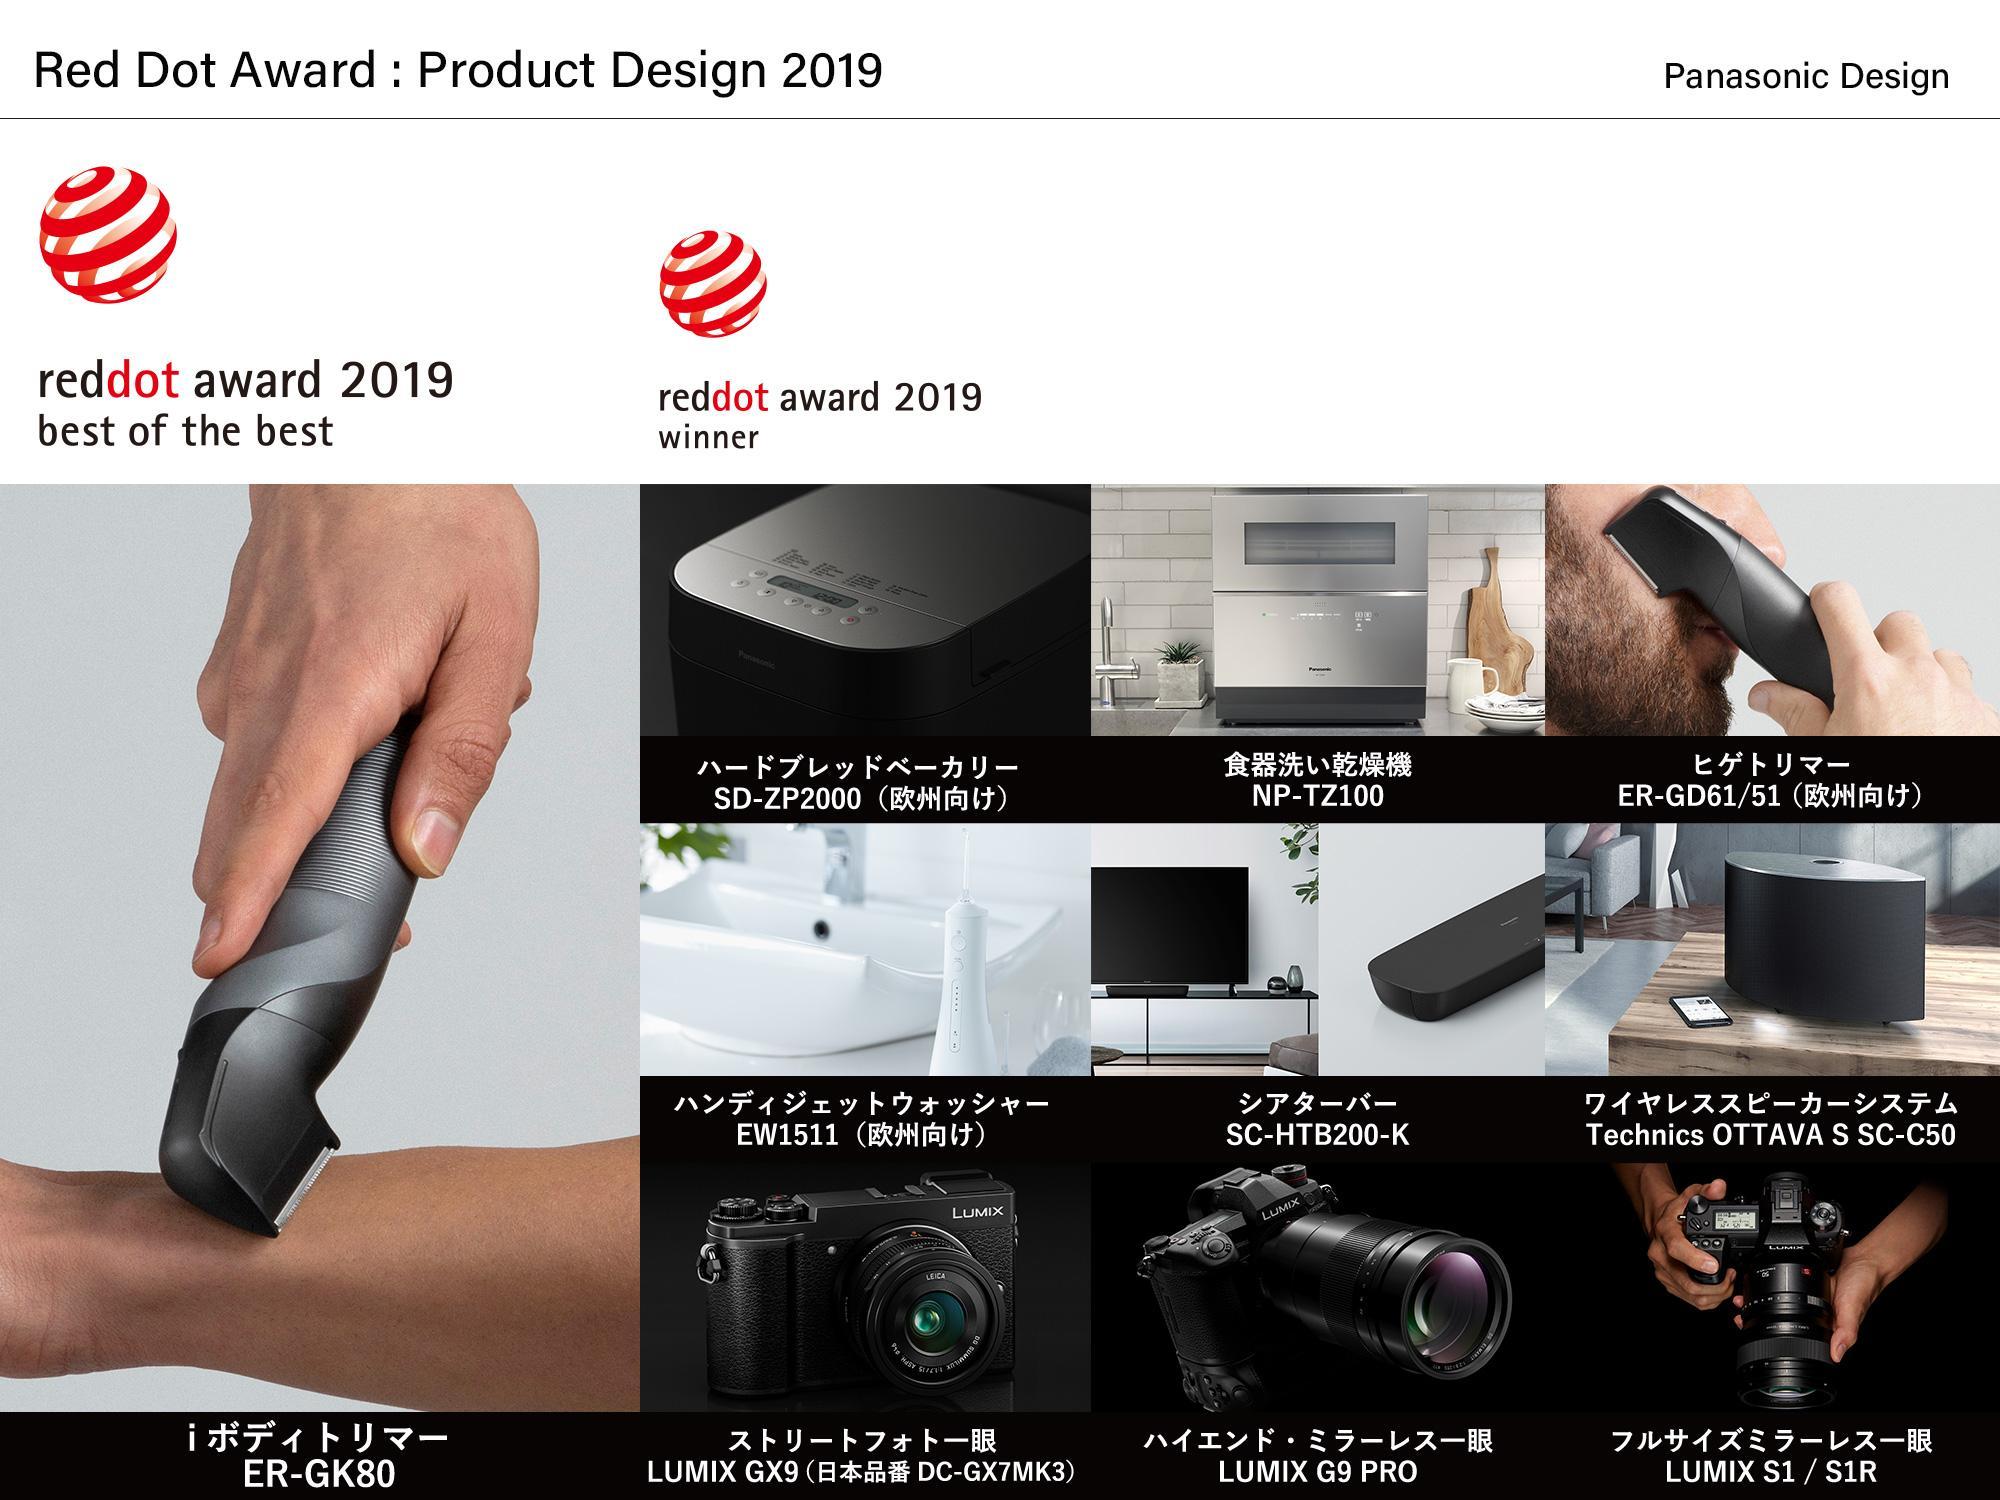 パナソニック製品が「レッド・ドット・デザイン賞」のプロダクトデザイン部門で10点受賞